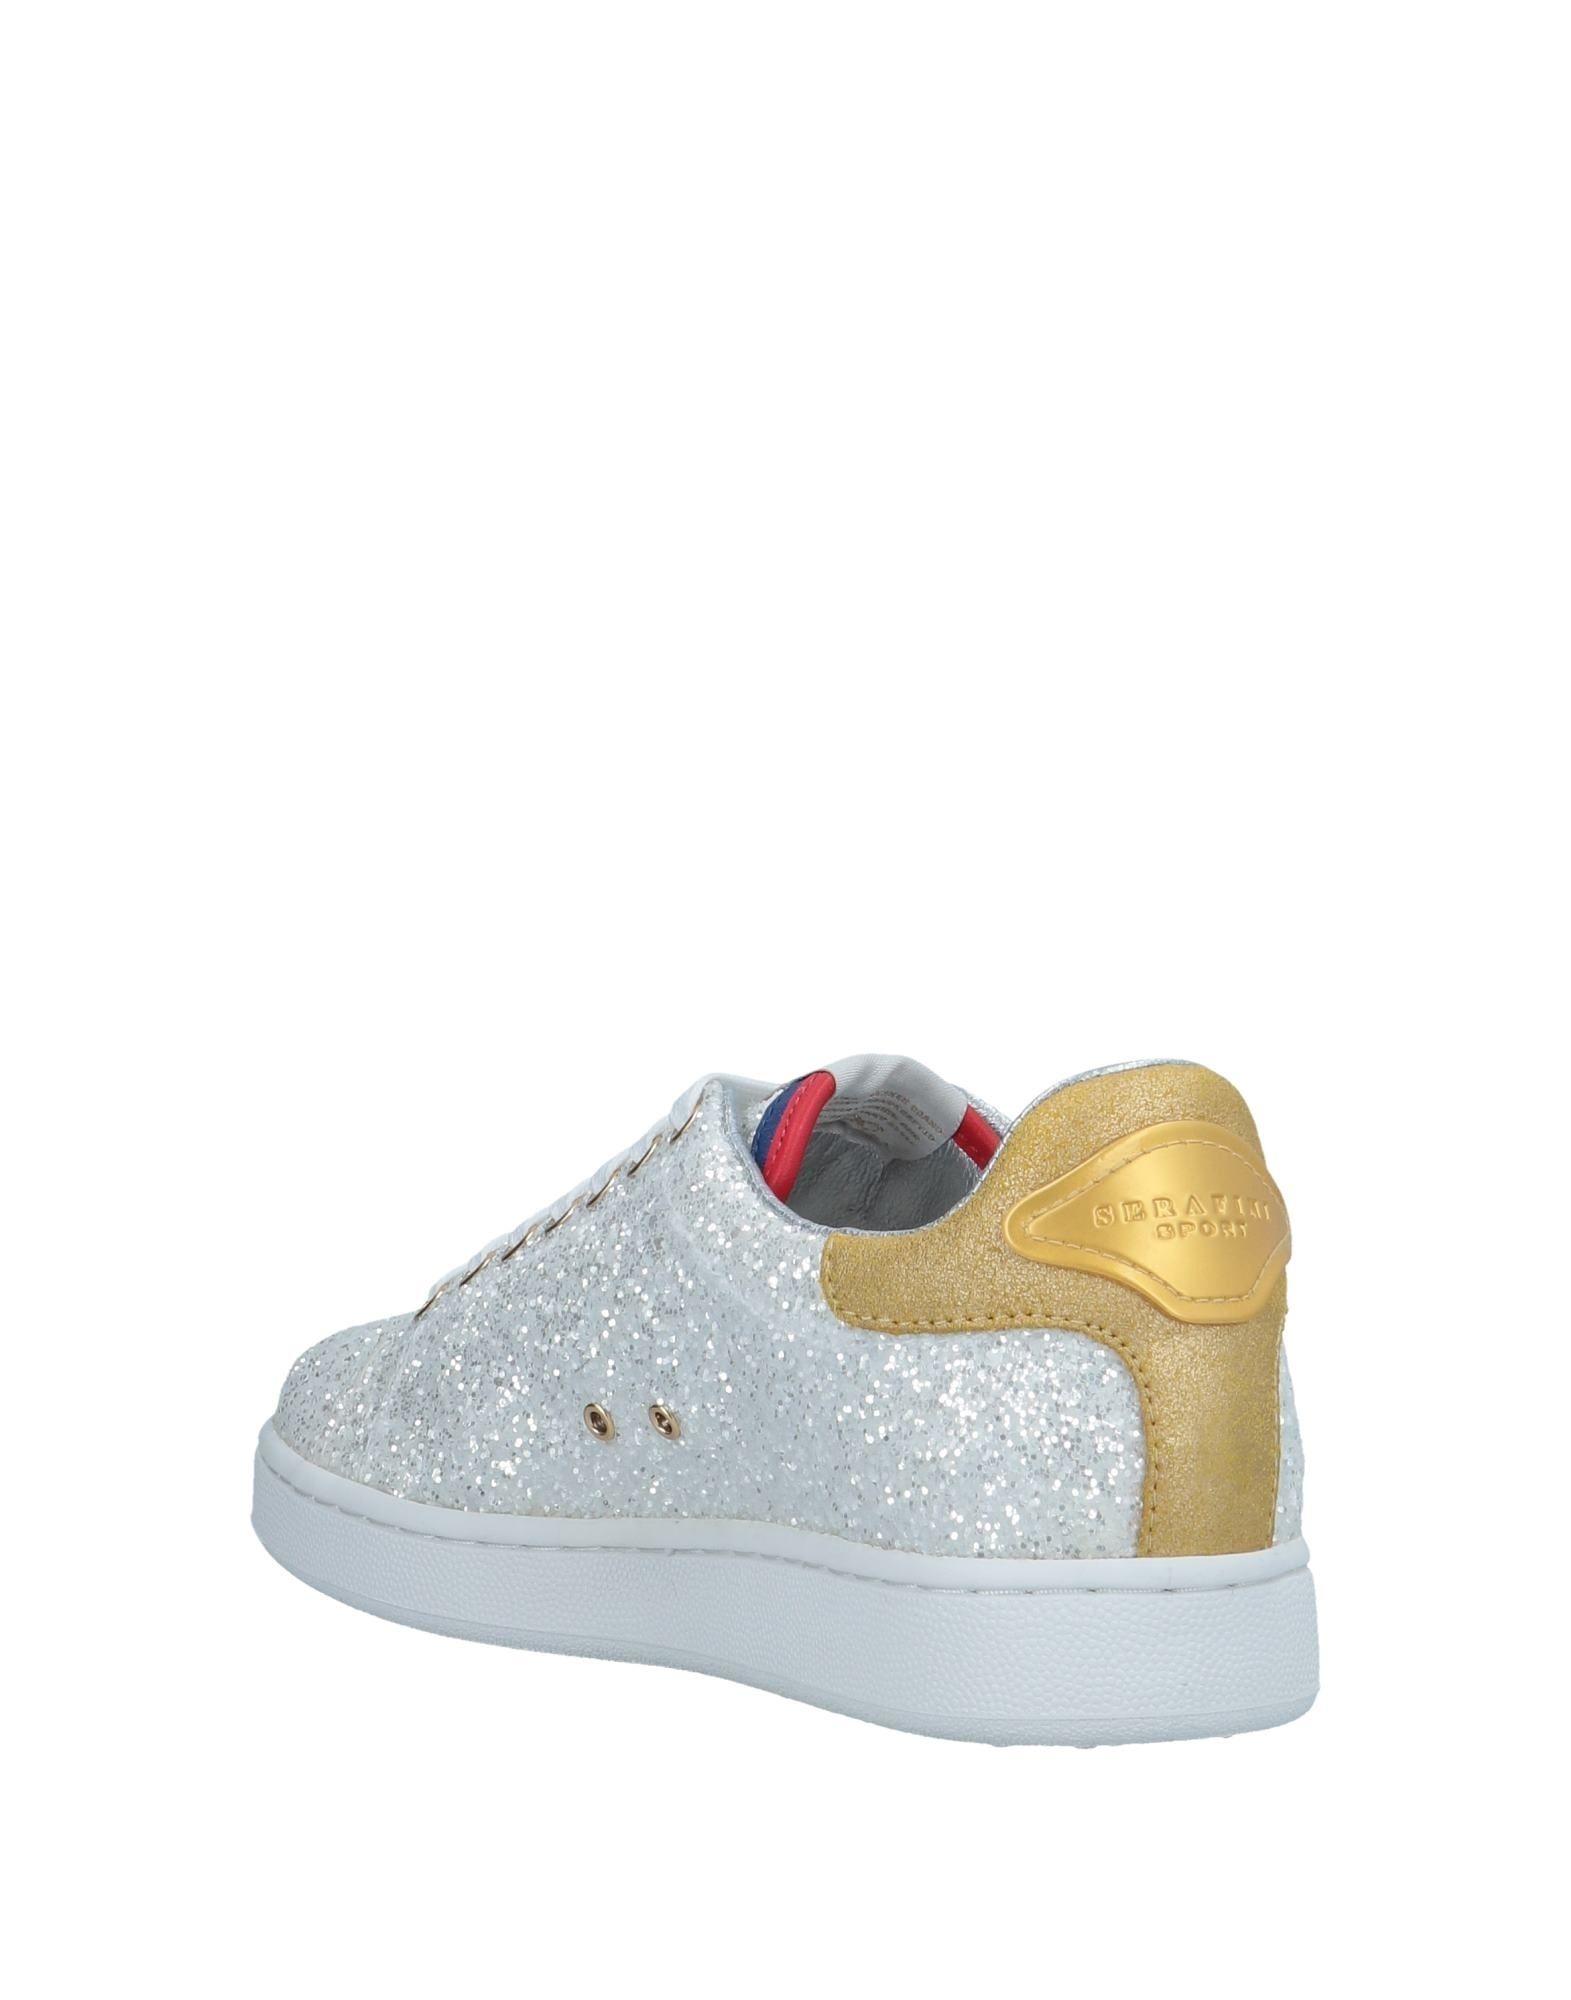 Serafini Sport Sneakers - Women Serafini Sport Sneakers online on on on  Canada - 11568092TX 810fdf